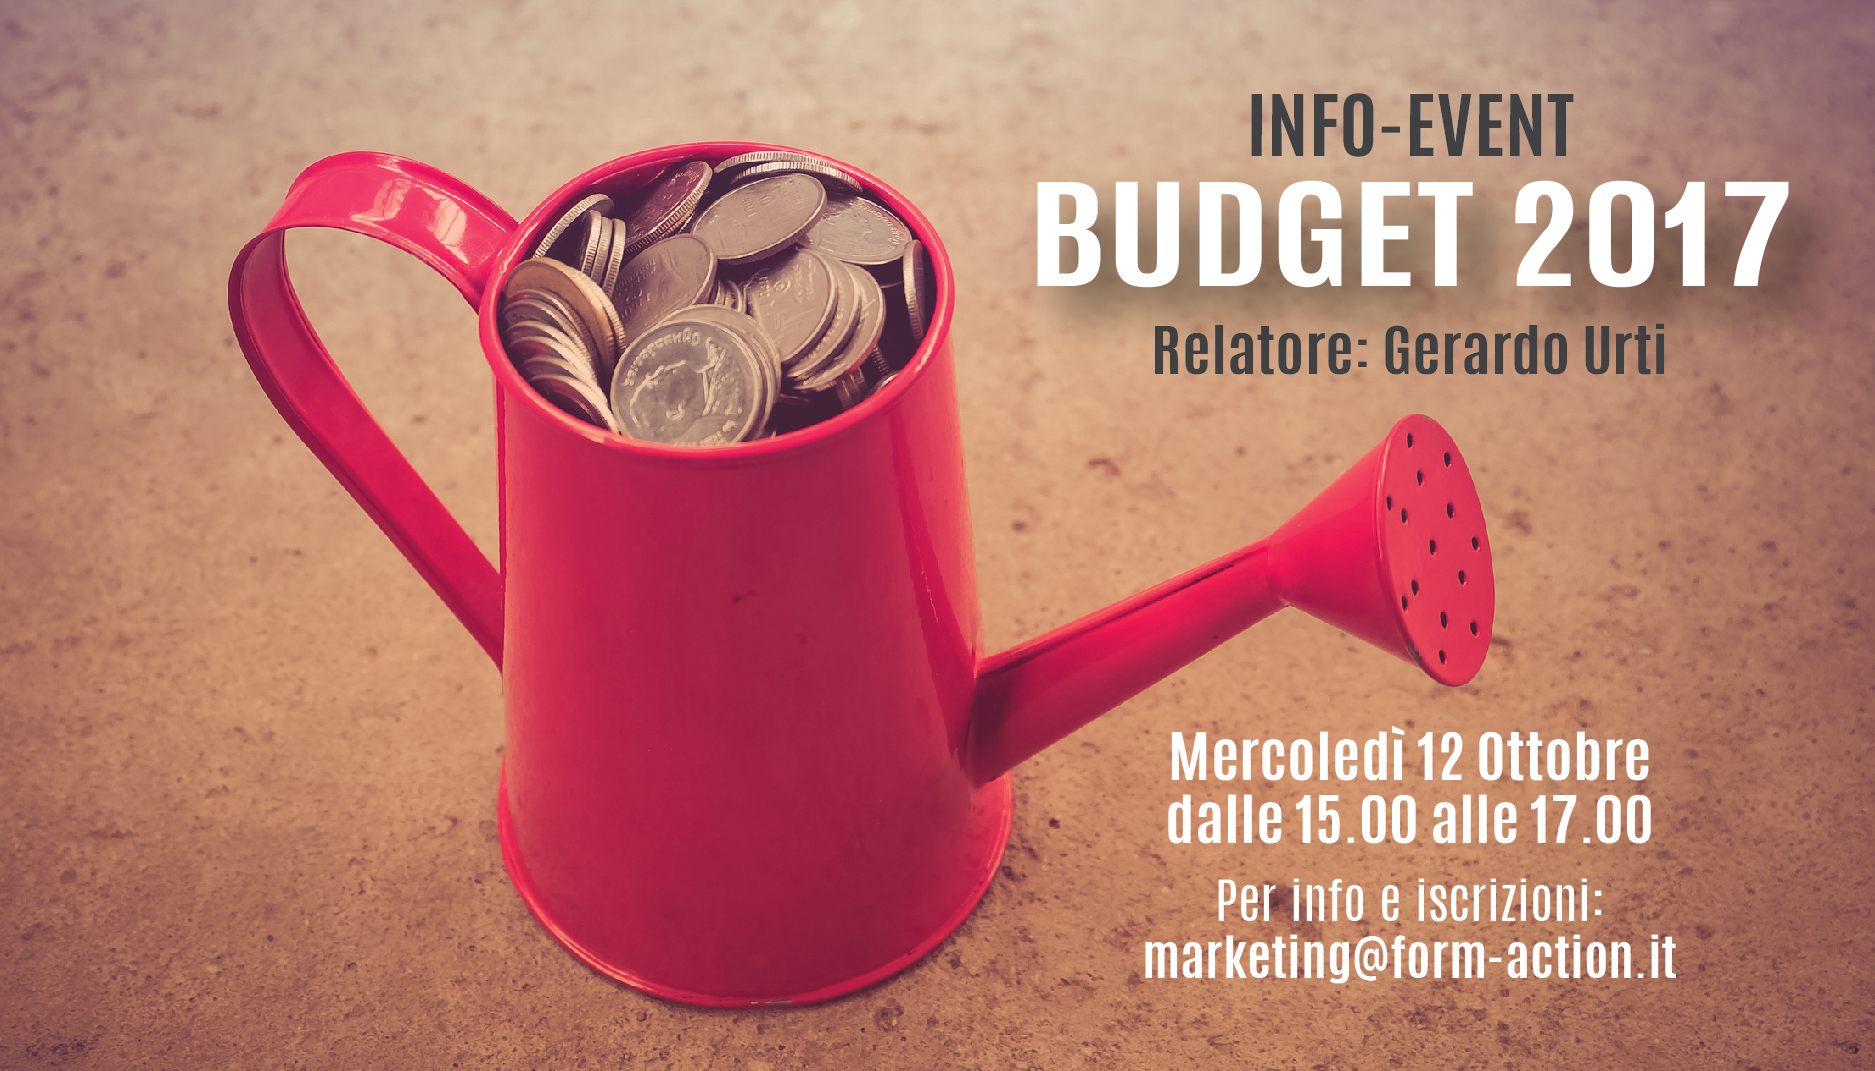 Info Event Budget